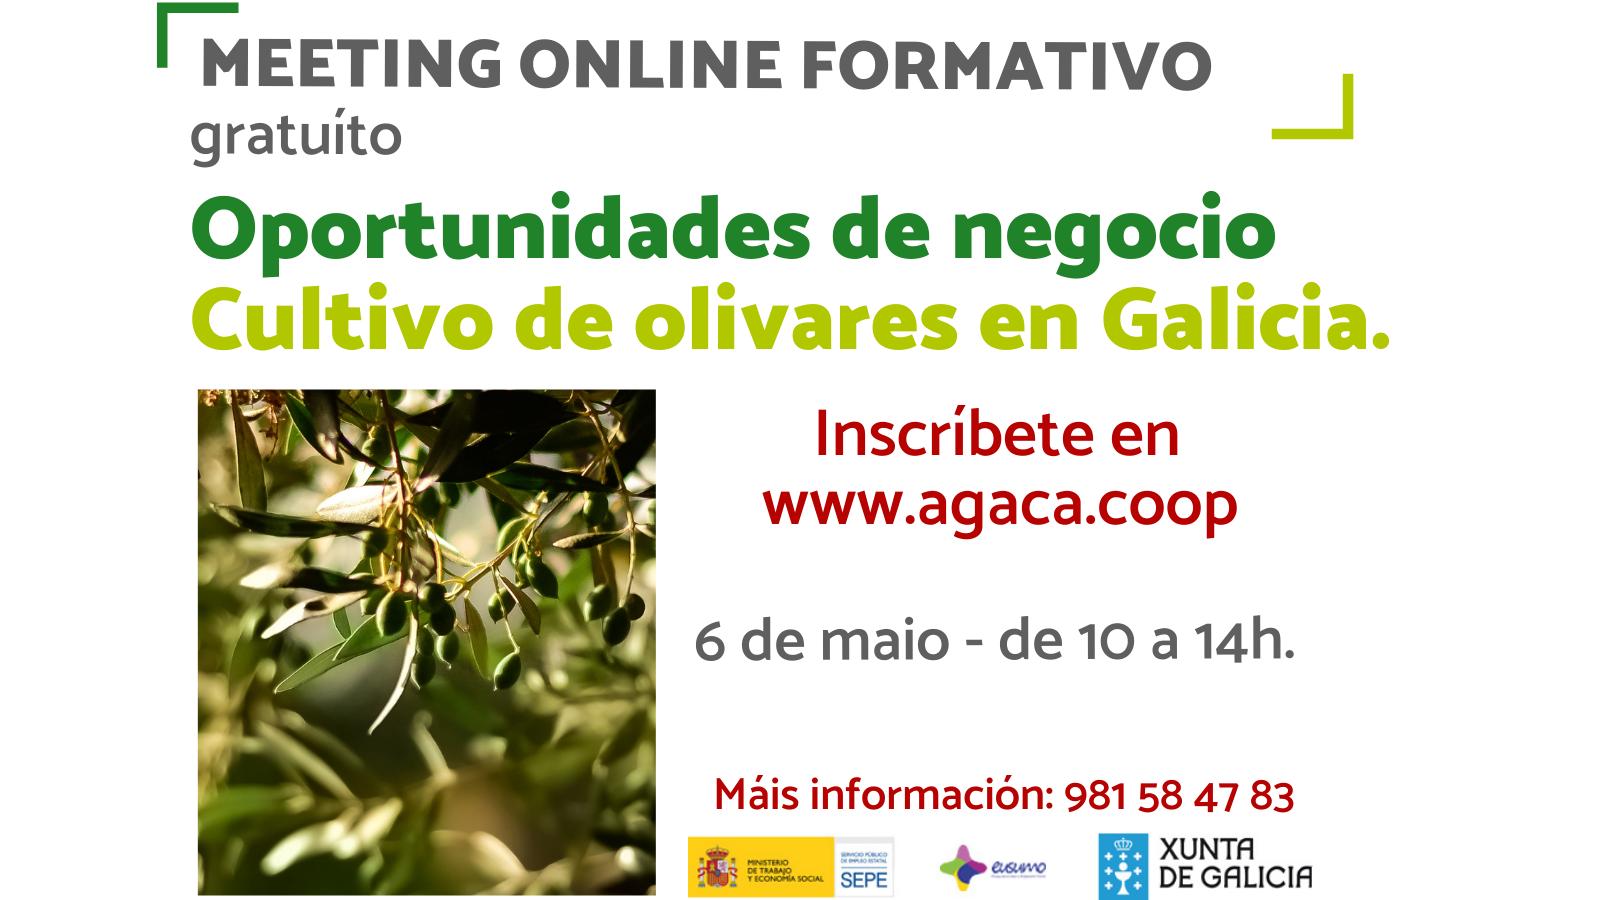 — Inscrición – Meeting formativo. Oportunidades de negocio. Cultivo de oliveirais en Galicia – 6 de maio